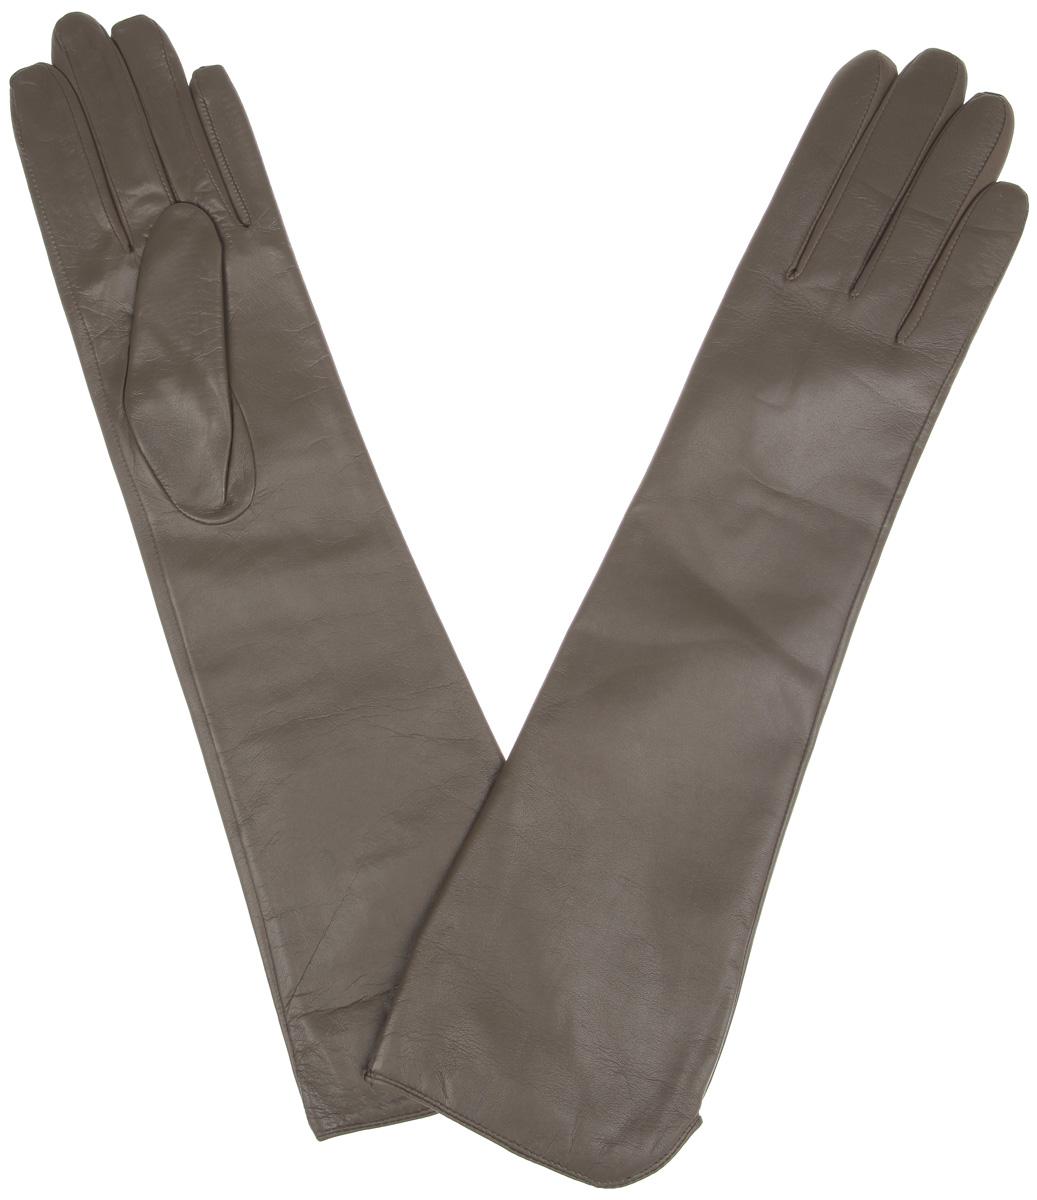 Перчатки женские Labbra, цвет: серо-коричневый. LB-2002. Размер 6,5LB-2002Элегантные удлиненные женские перчатки Labbra станут великолепным дополнением вашего образа и защитят ваши руки от холода и ветра во время прогулок.Перчатки выполнены из натуральной кожи и имеют подкладку из шерсти с добавлением акрила, что позволяет им надежно сохранять тепло и обеспечивает высокую гигроскопичность. Удлиненные манжеты подчеркнут изящество ваших рук. Такие перчатки будут оригинальным завершающим штрихом в создании современного модного образа, они подчеркнут ваш изысканный вкус и станут незаменимым и практичным аксессуаром.